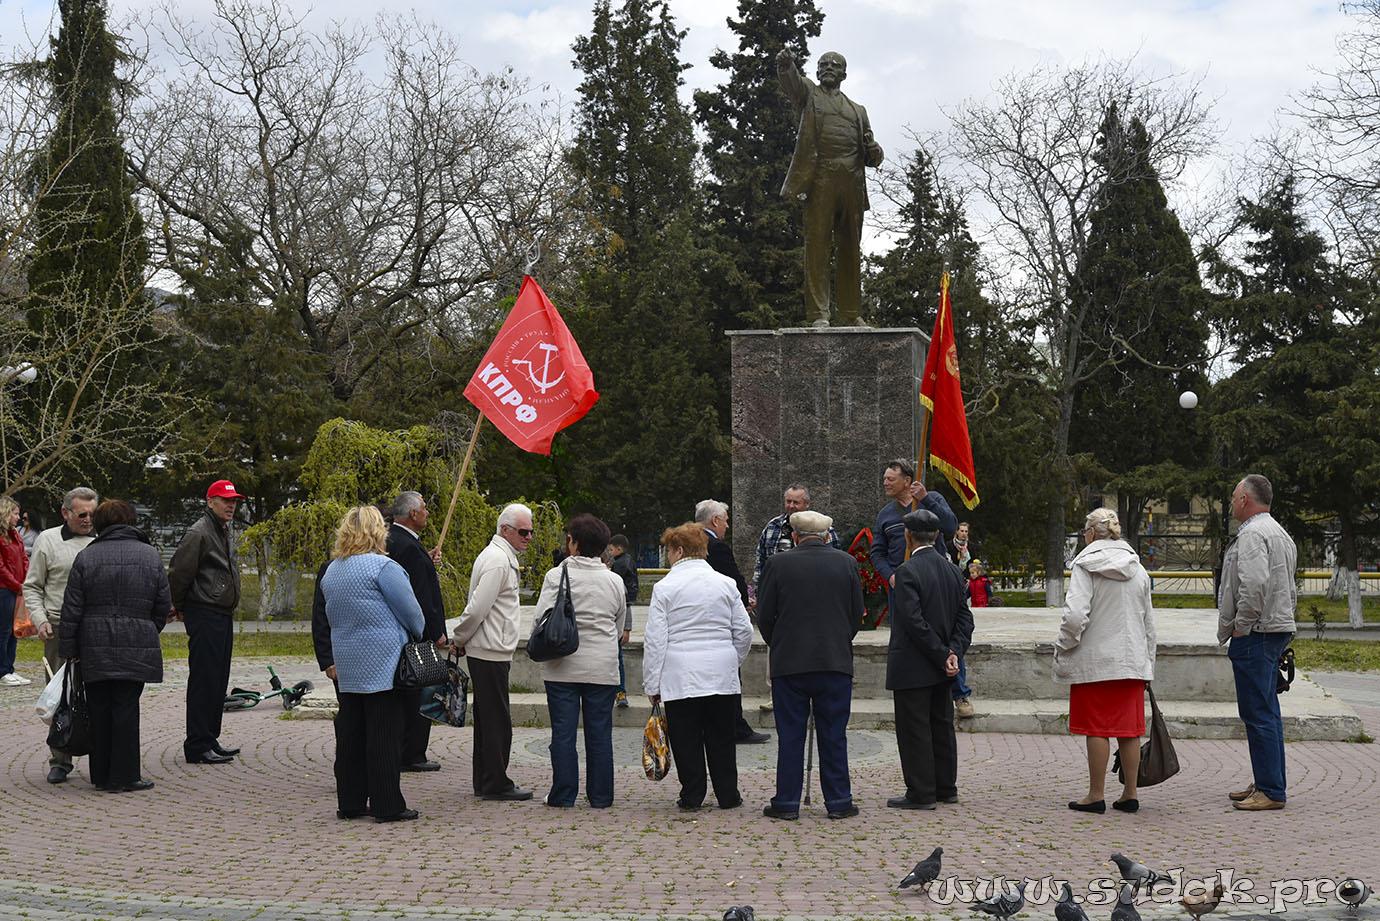 20160422-Коммунисты Судака не забыли про День рождения Вождя мирового пролетариата